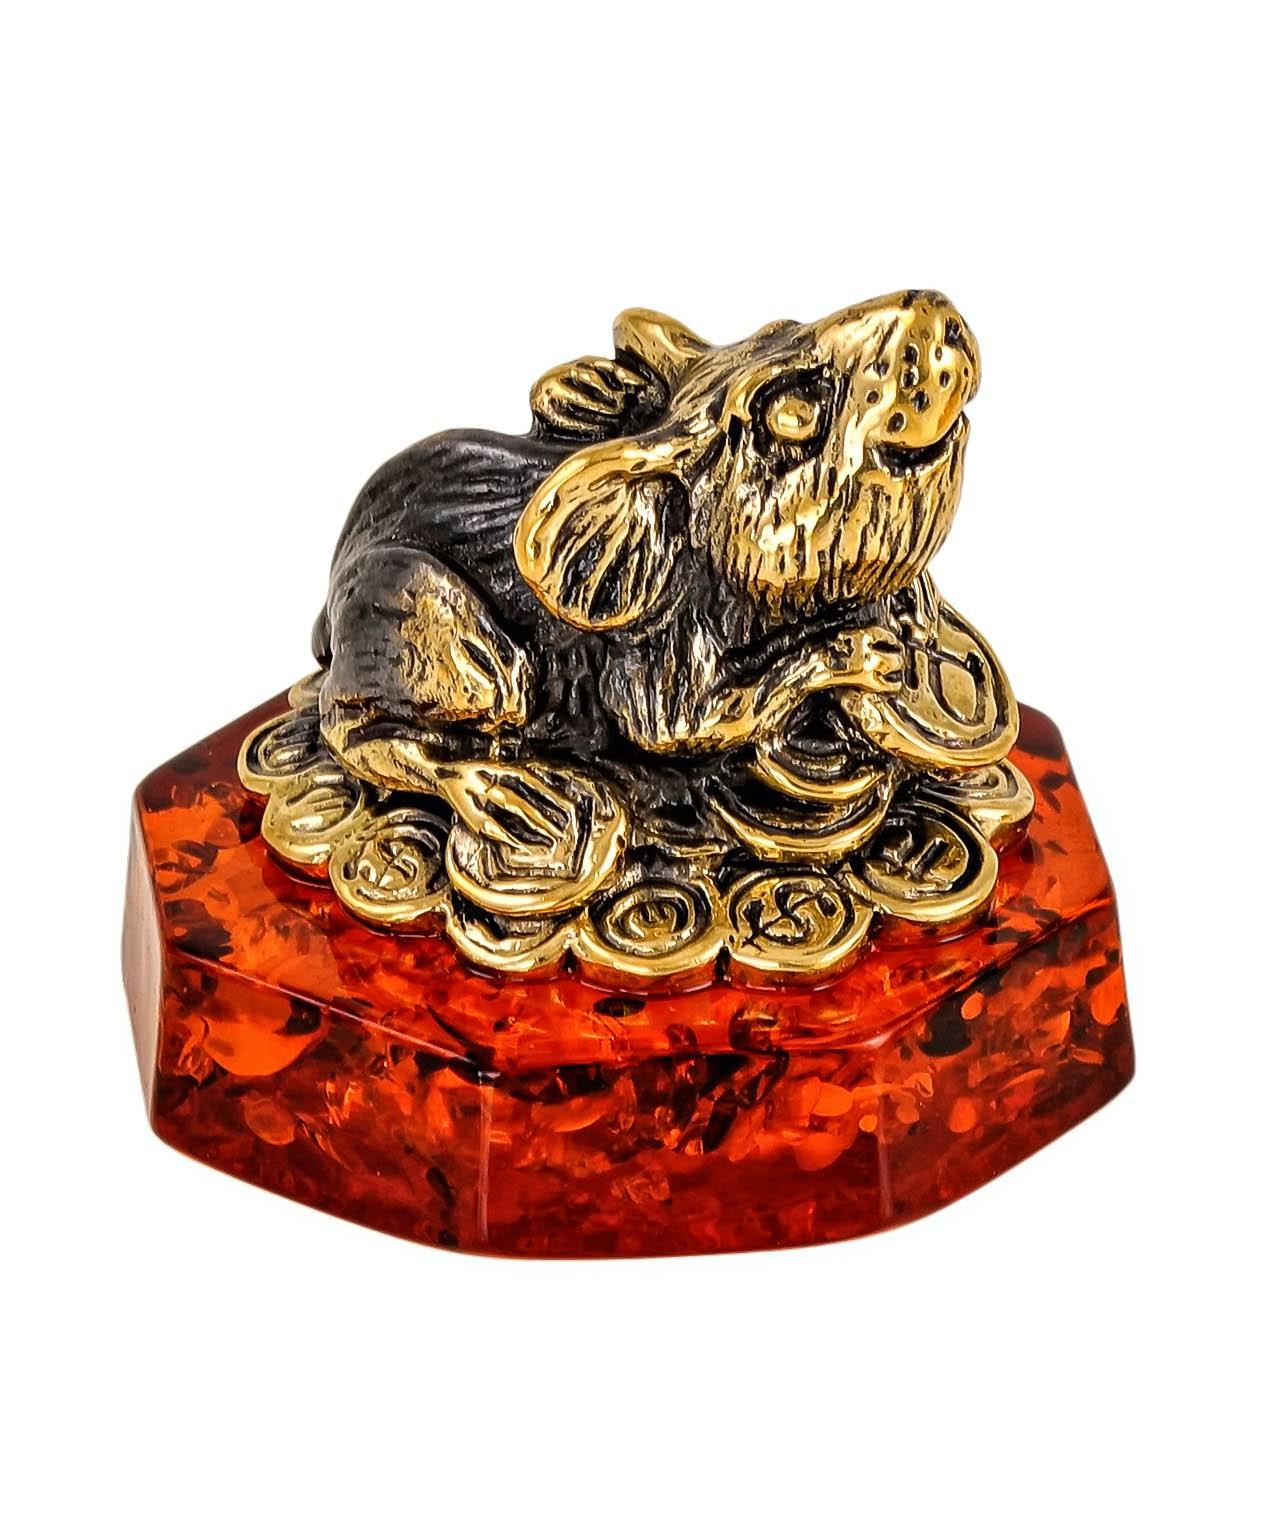 Мышь Фен-шуй на монетках 2356